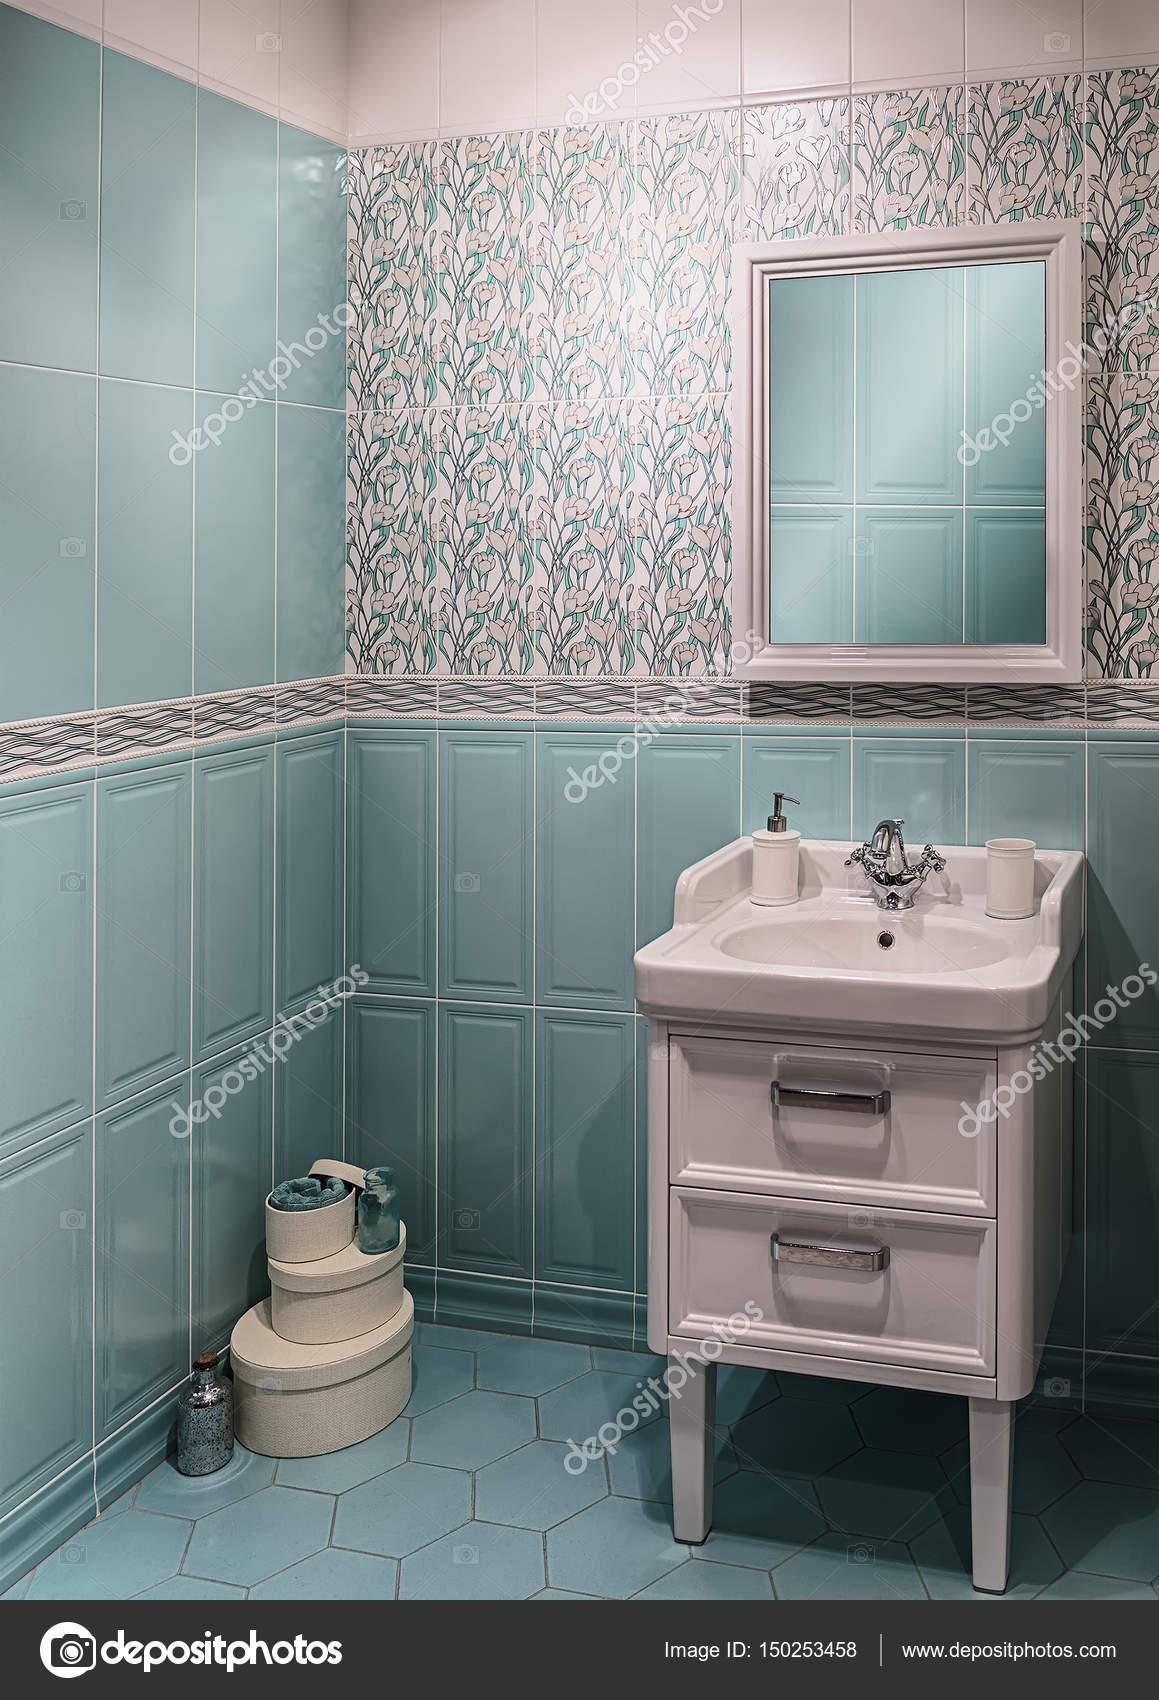 Badkamer interieur in turquoise kleuren met een wastafel en een ...